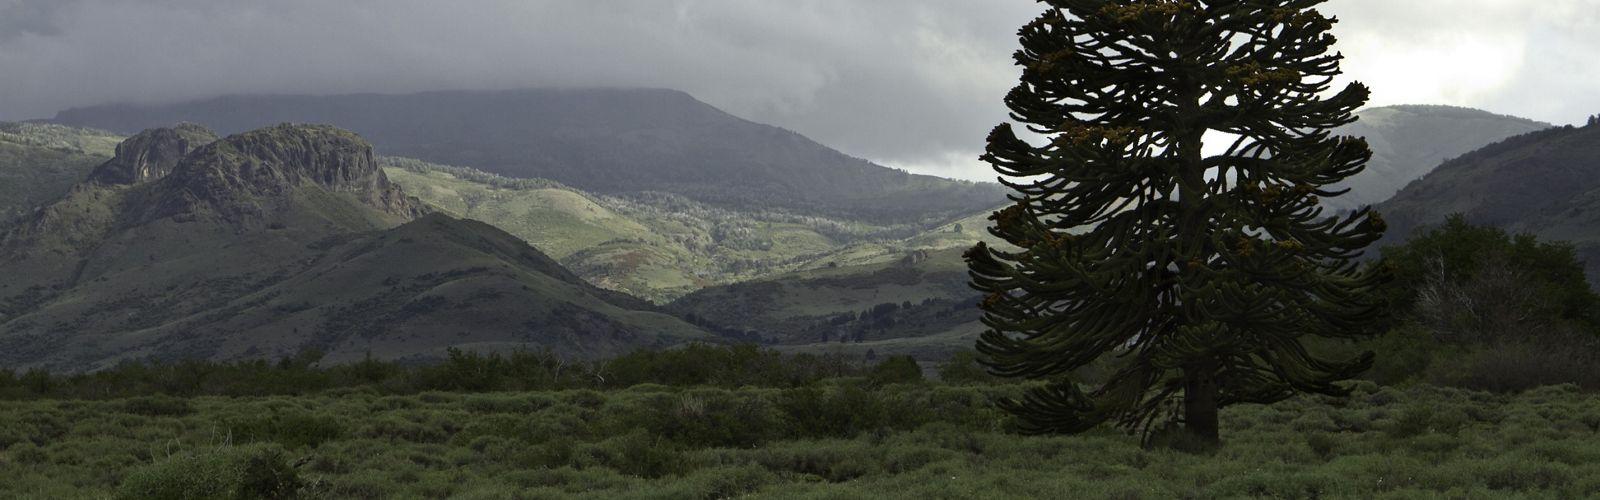 Mono rompecabezas de árboles (Araucaria araucana) en el Parque Nacional Lanín a lo largo de la frontera con Chile en la provincia argentina de Neuquén.